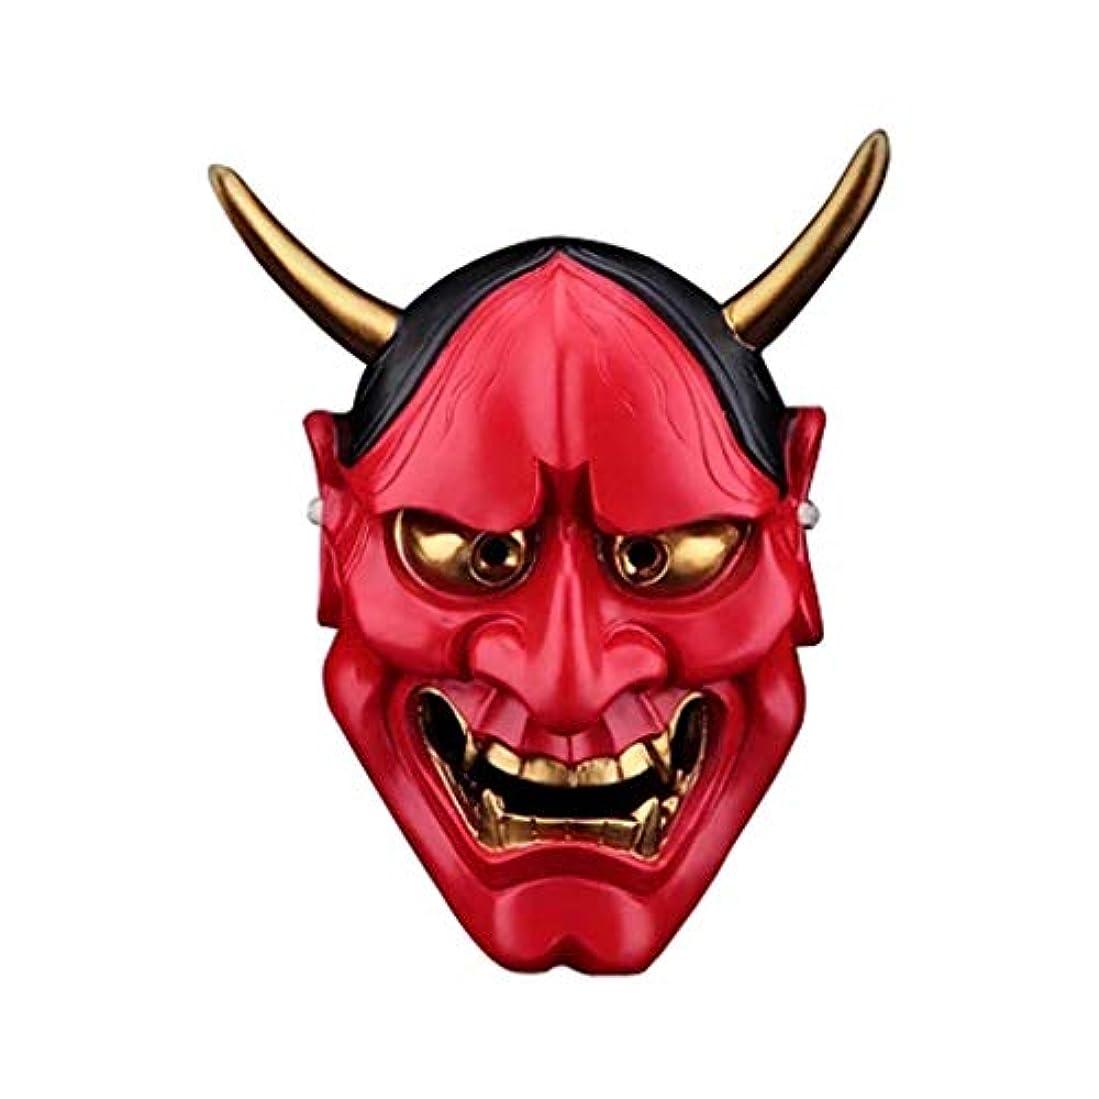 和らげるロケーションリハーサルハロウィンホラーマスク、成人用樹脂マスクデコレーション (Color : BRONZE)